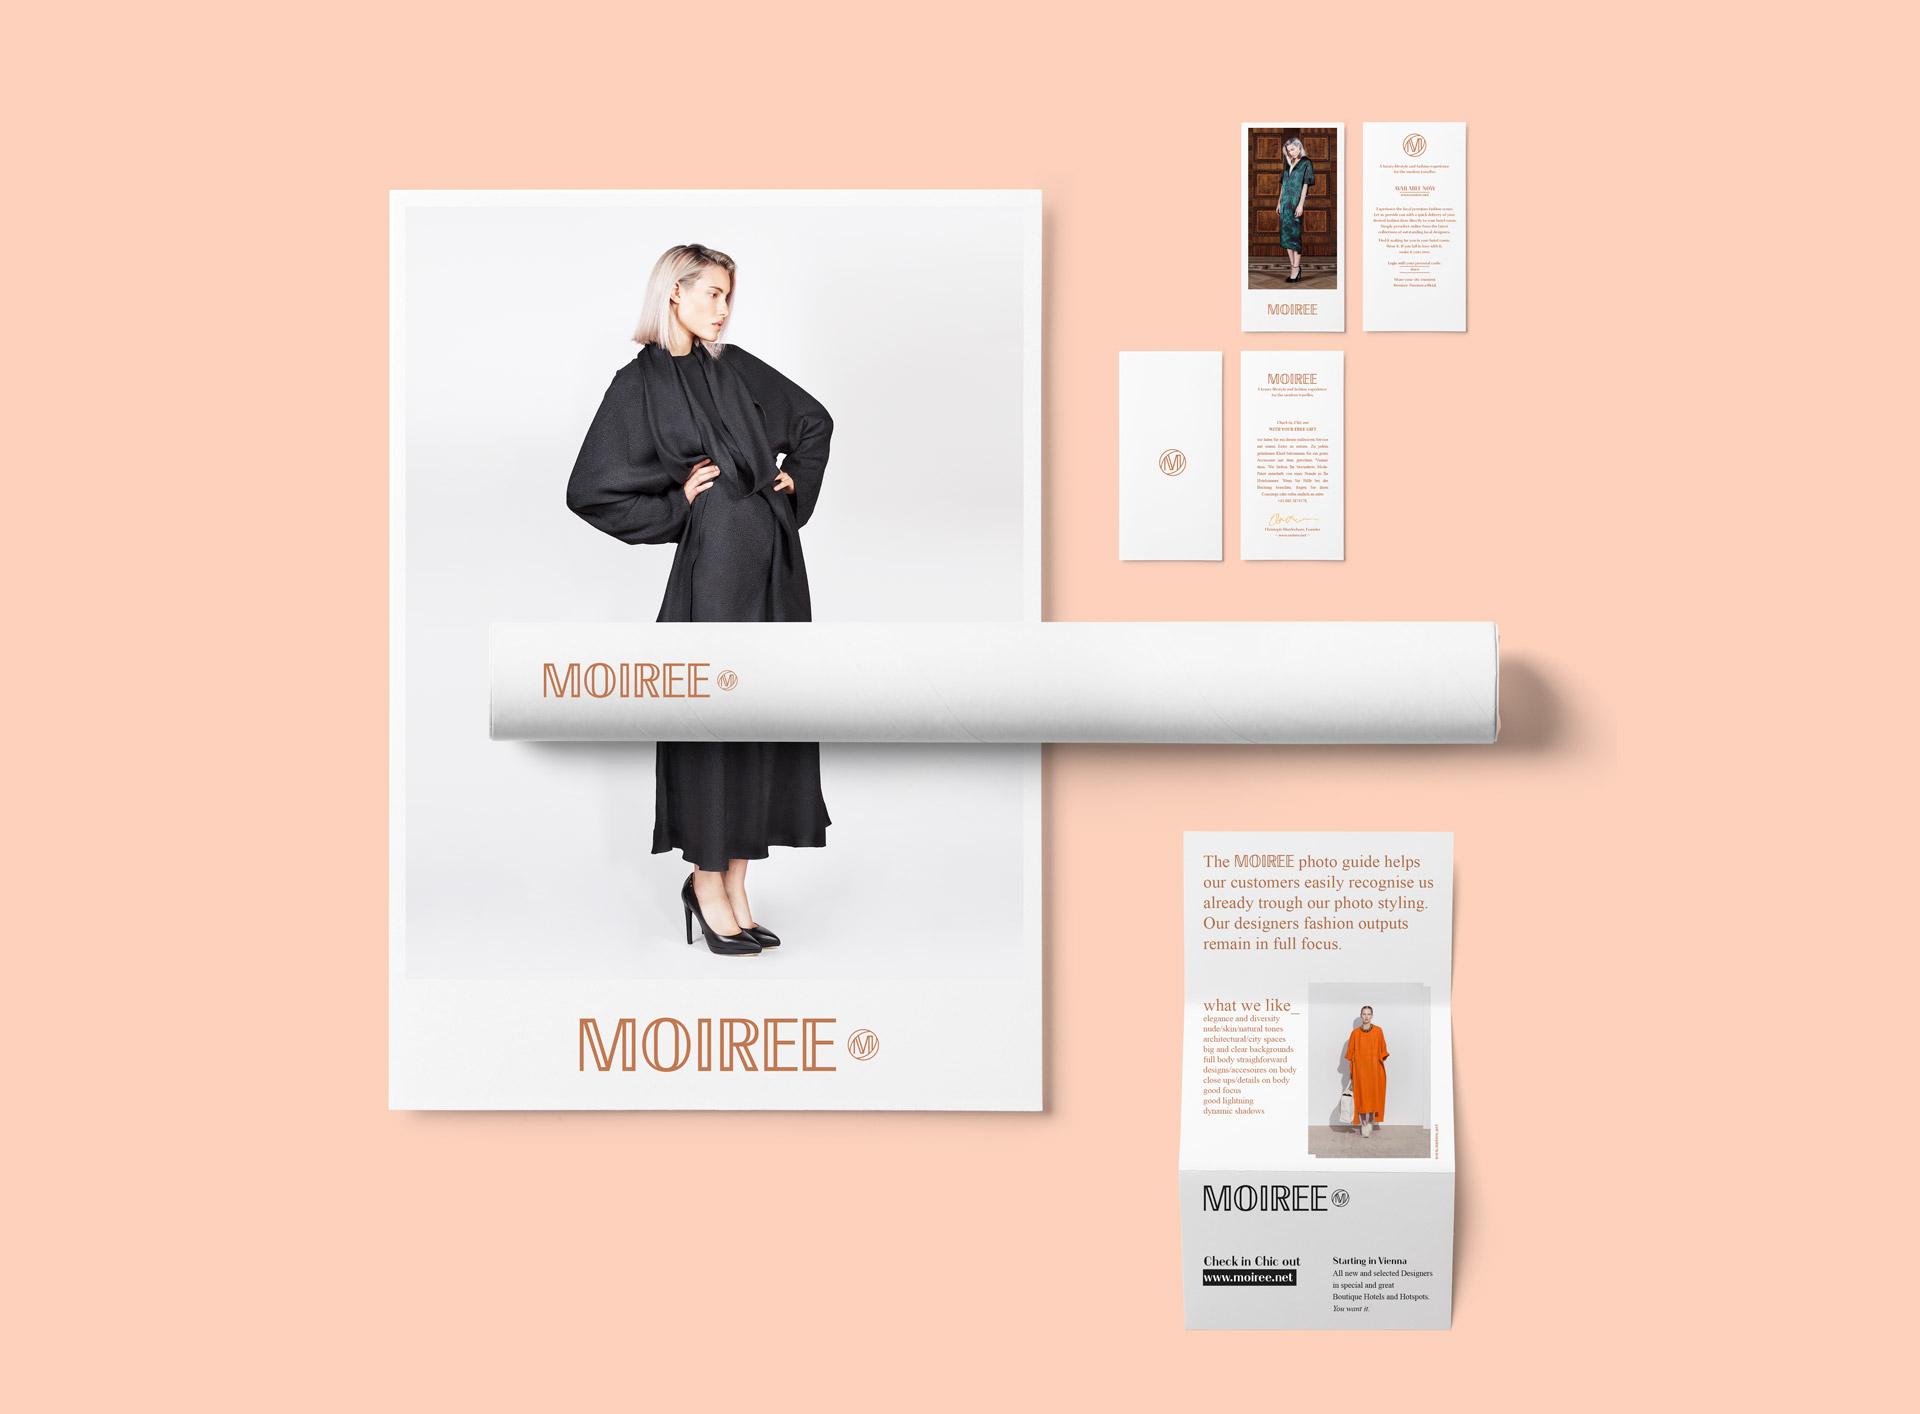 Zukunvt_Moiree_Branding_Stationary2